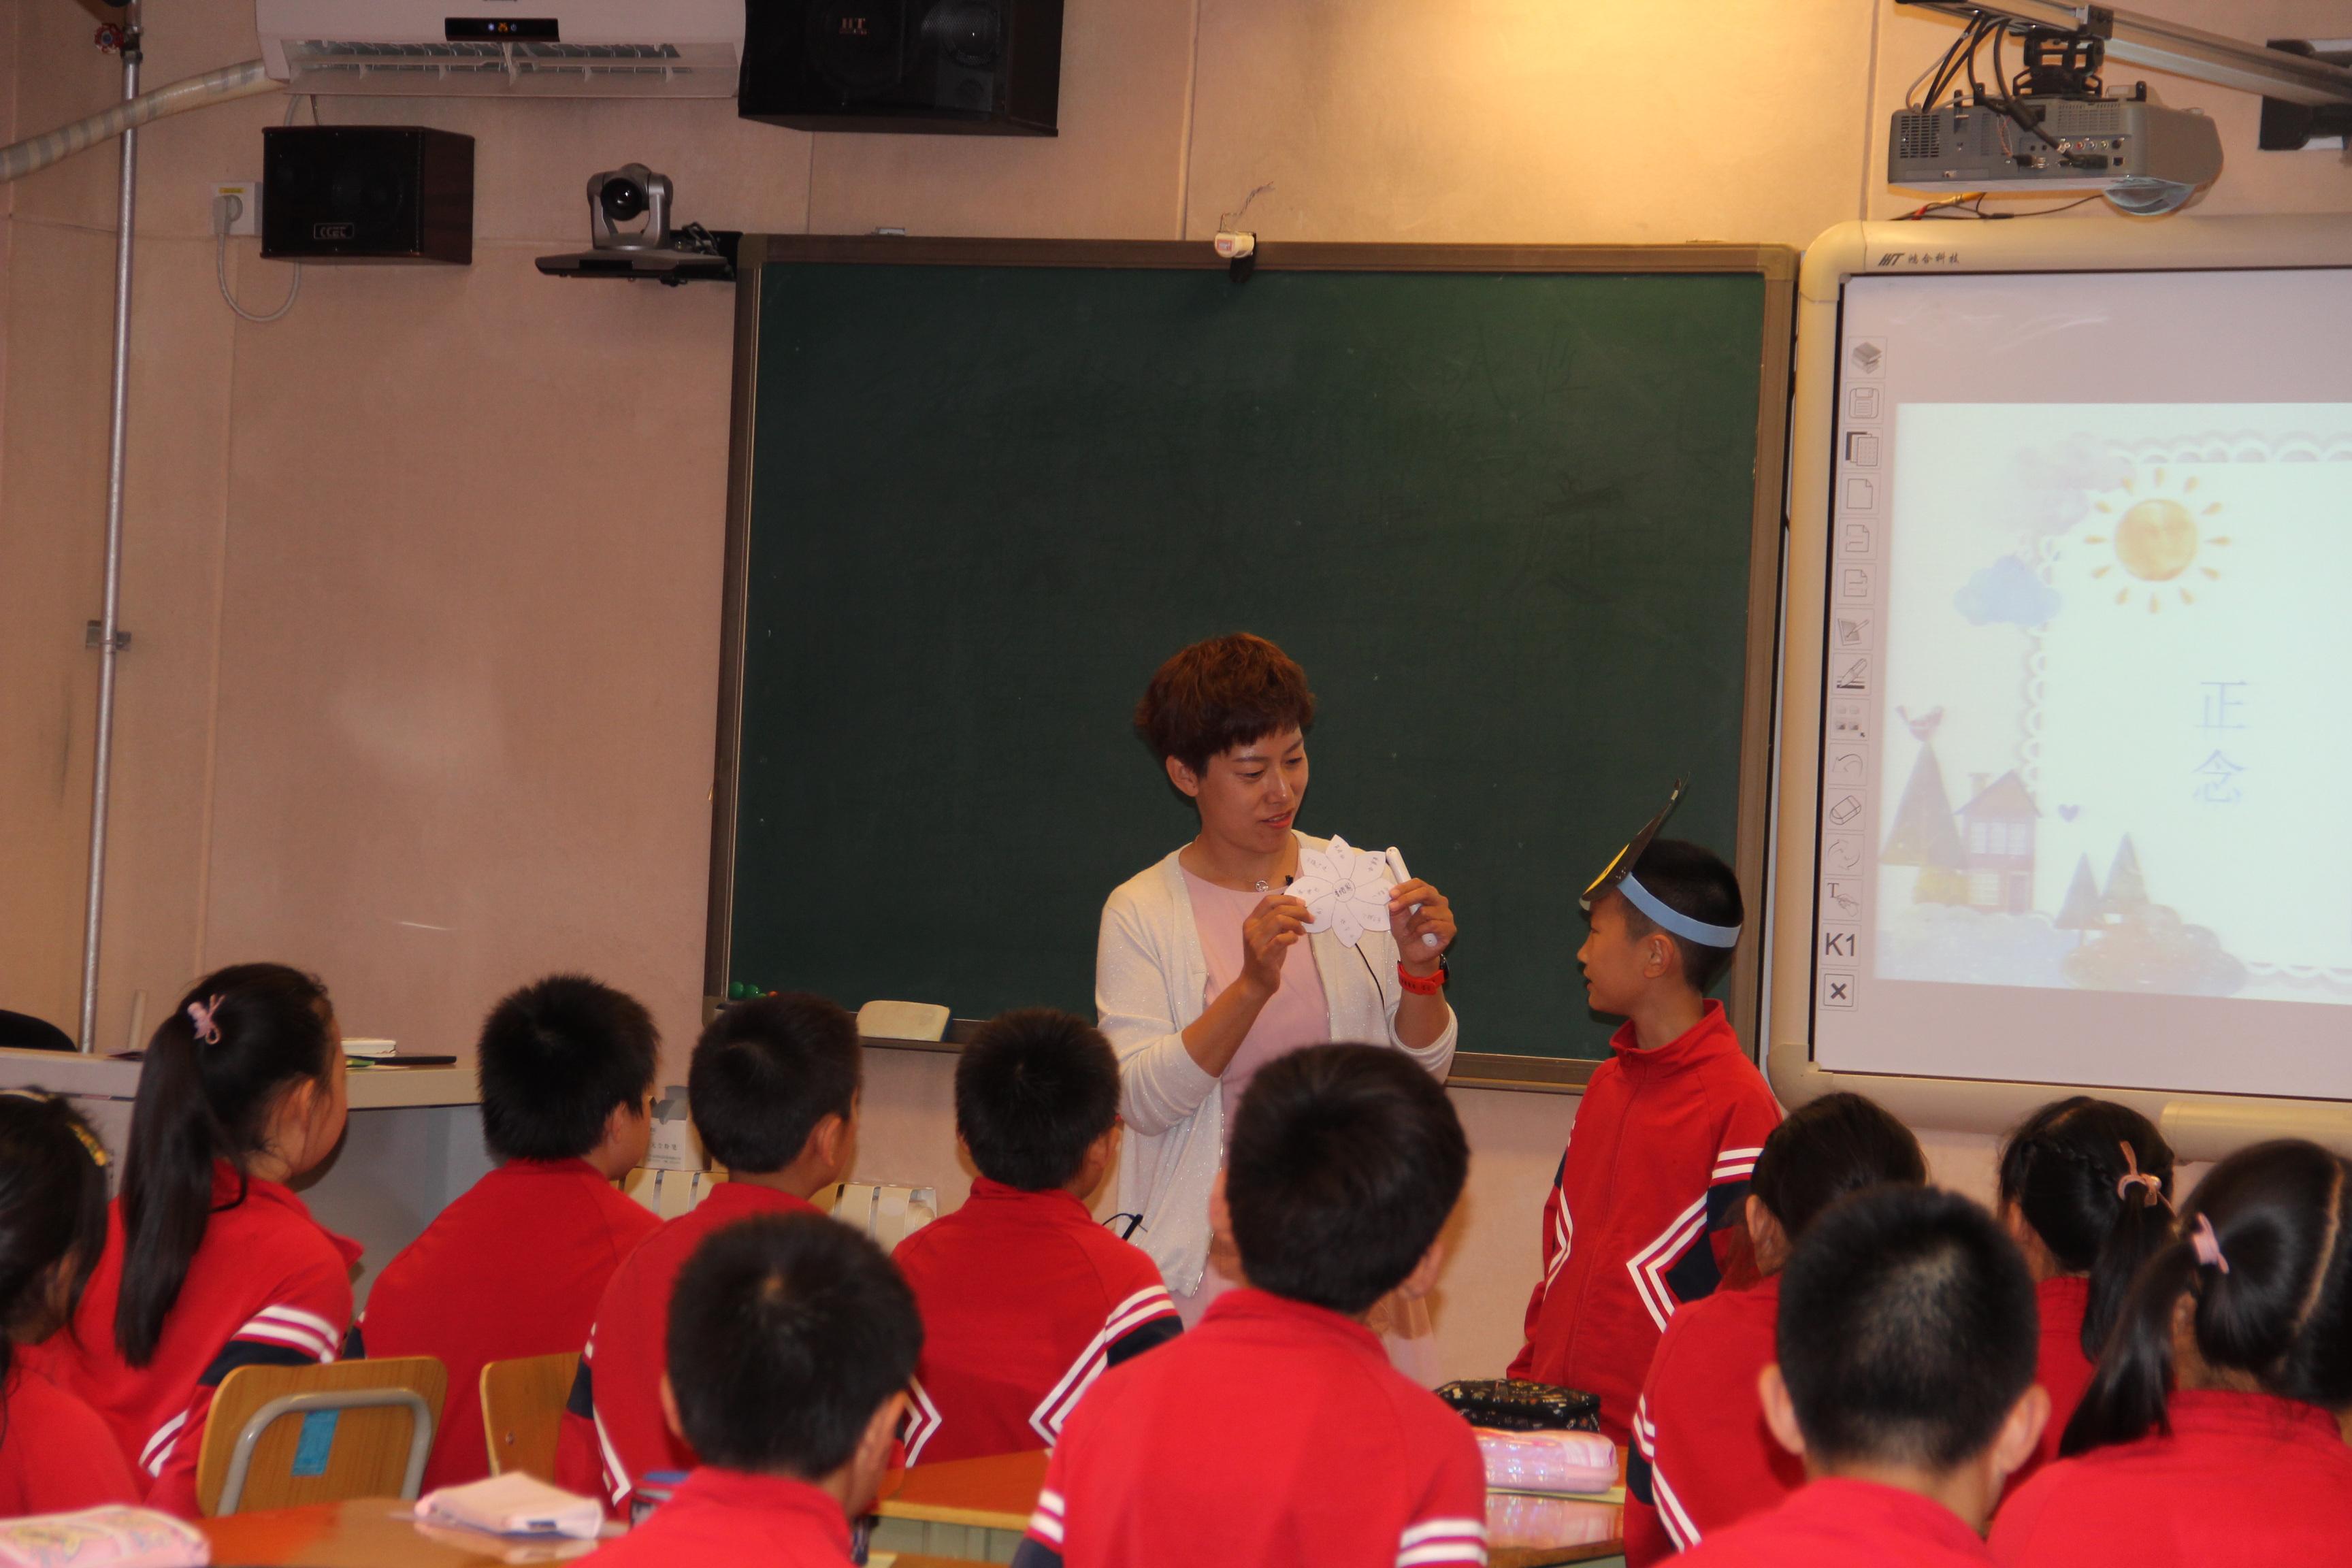 工大附中小学部教师参加市级区域联合教研活动展示